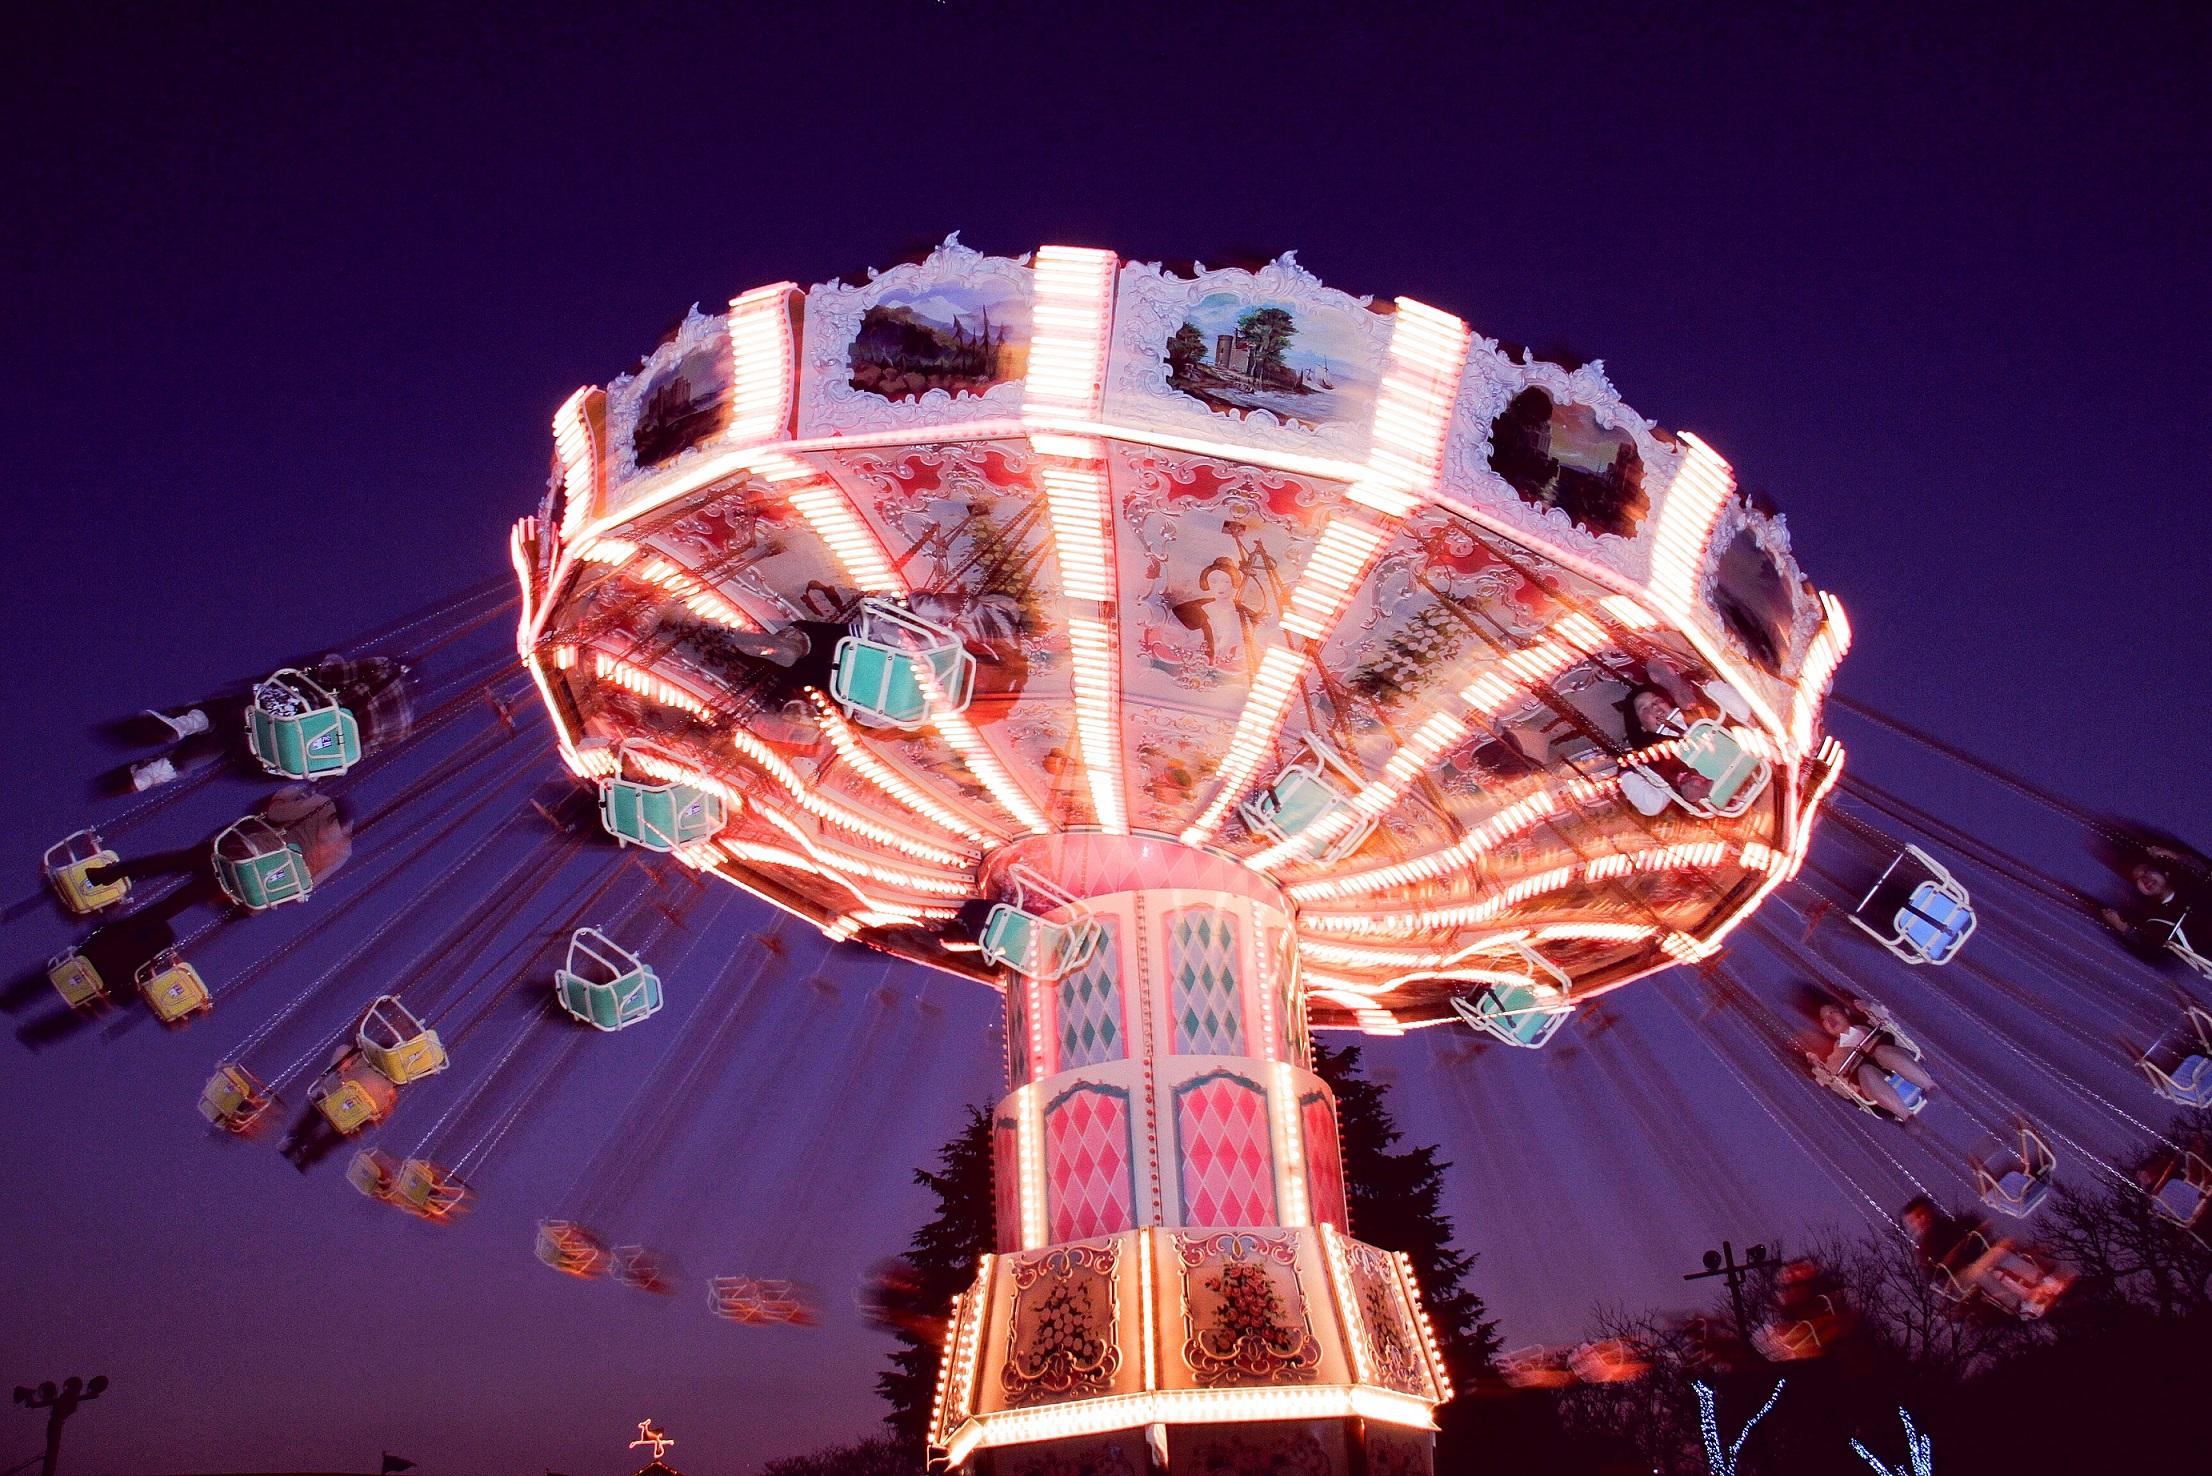 遊園地ならではの見て・乗って・楽しいアクティブなイルミネーション体験